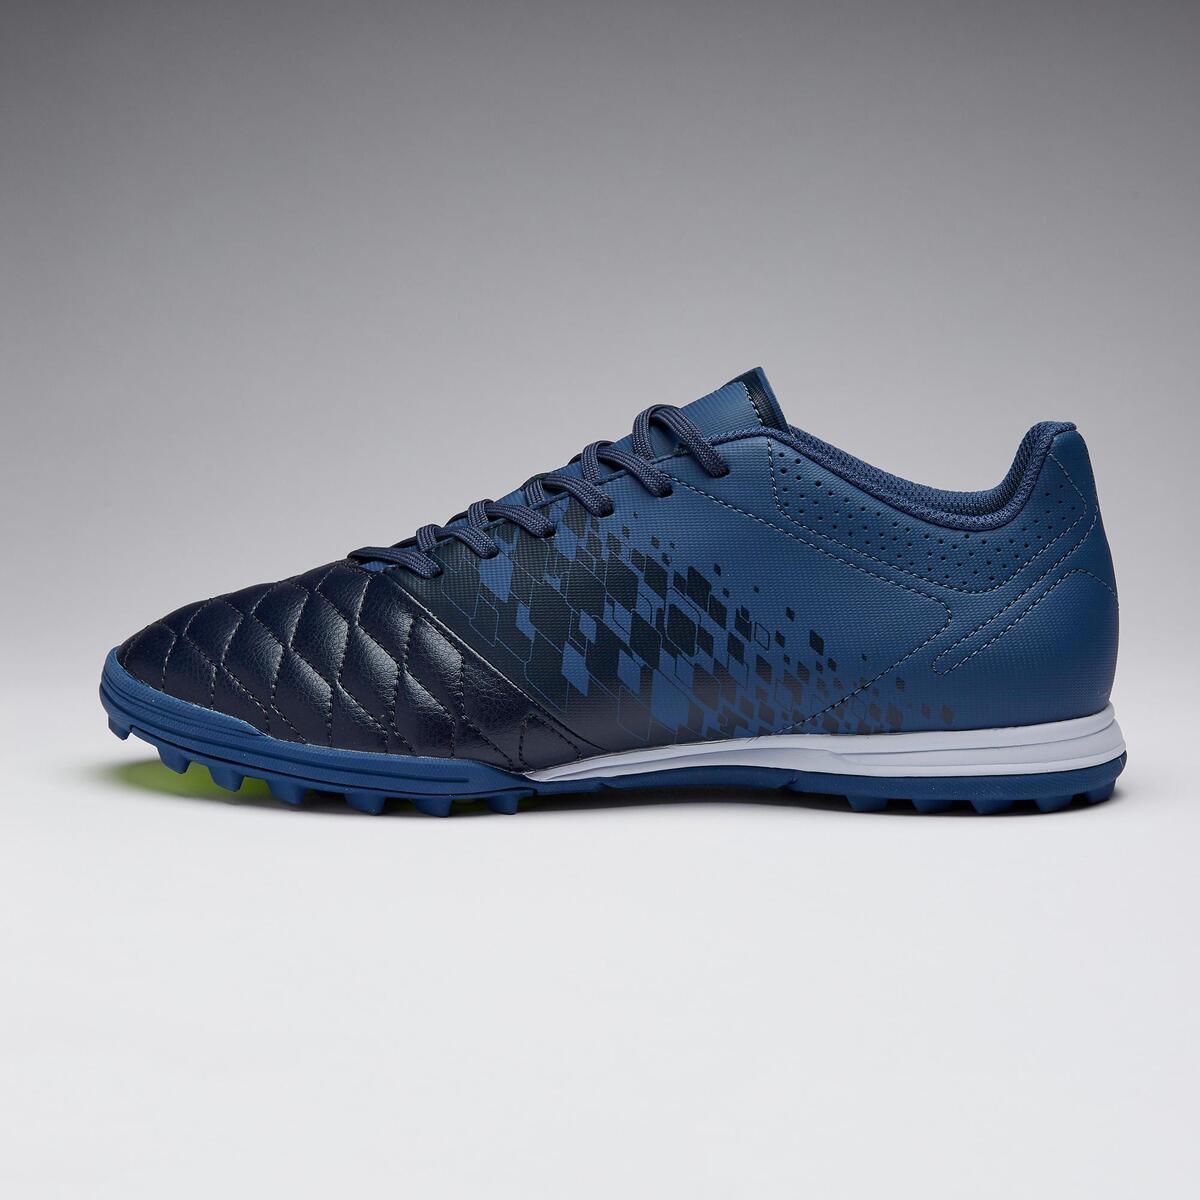 Bild 4 von Fußballschuhe Multinocken Agility 500 HG Erwachsene blau